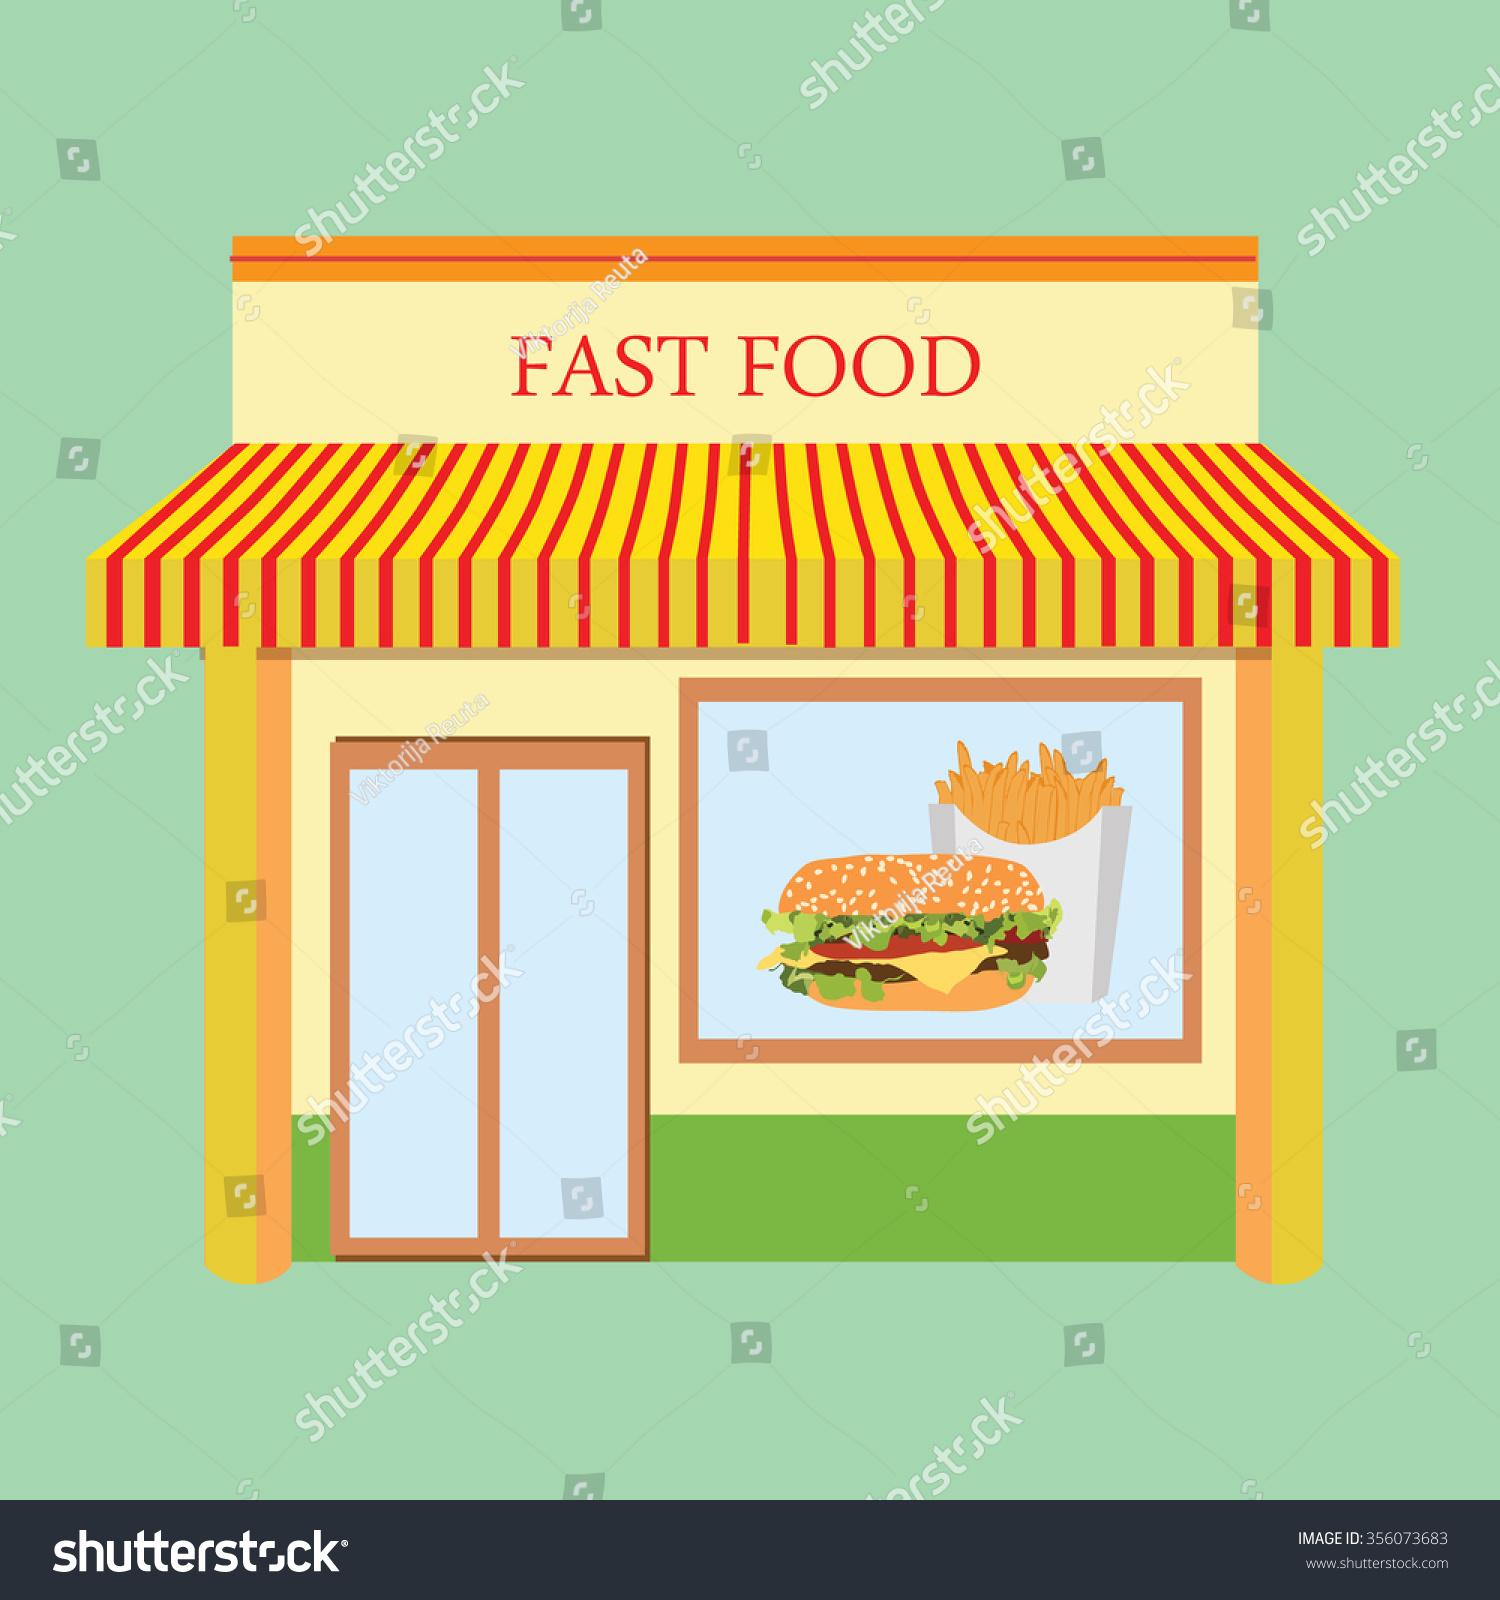 Vector illustration fast food restaurant facade building design. Fast food  cafe